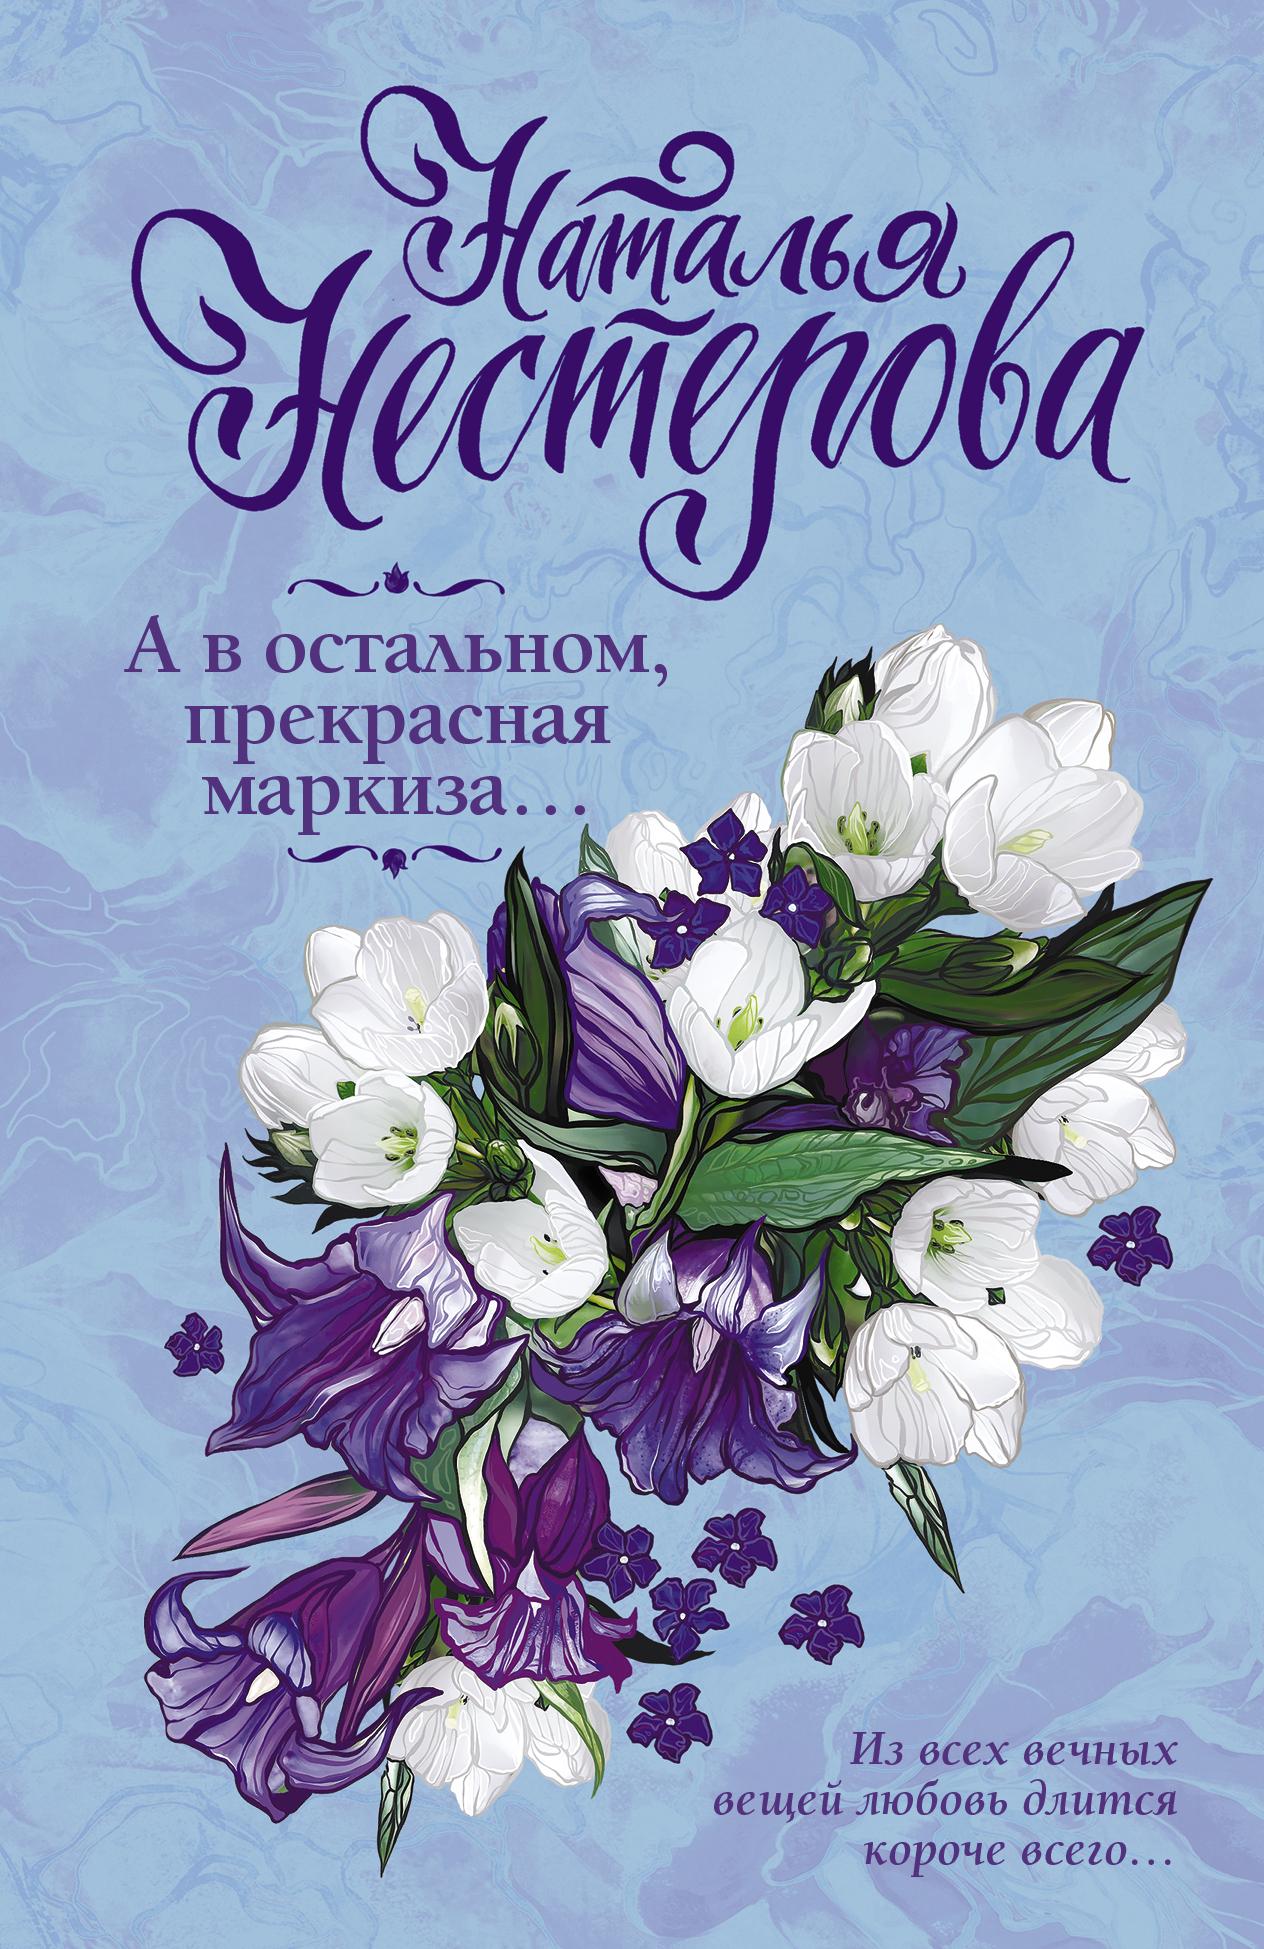 Наталья Нестерова А в остальном, прекрасная маркиза... алина кускова вам хорошо прекрасная маркиза isbn 978 5 699 76672 7